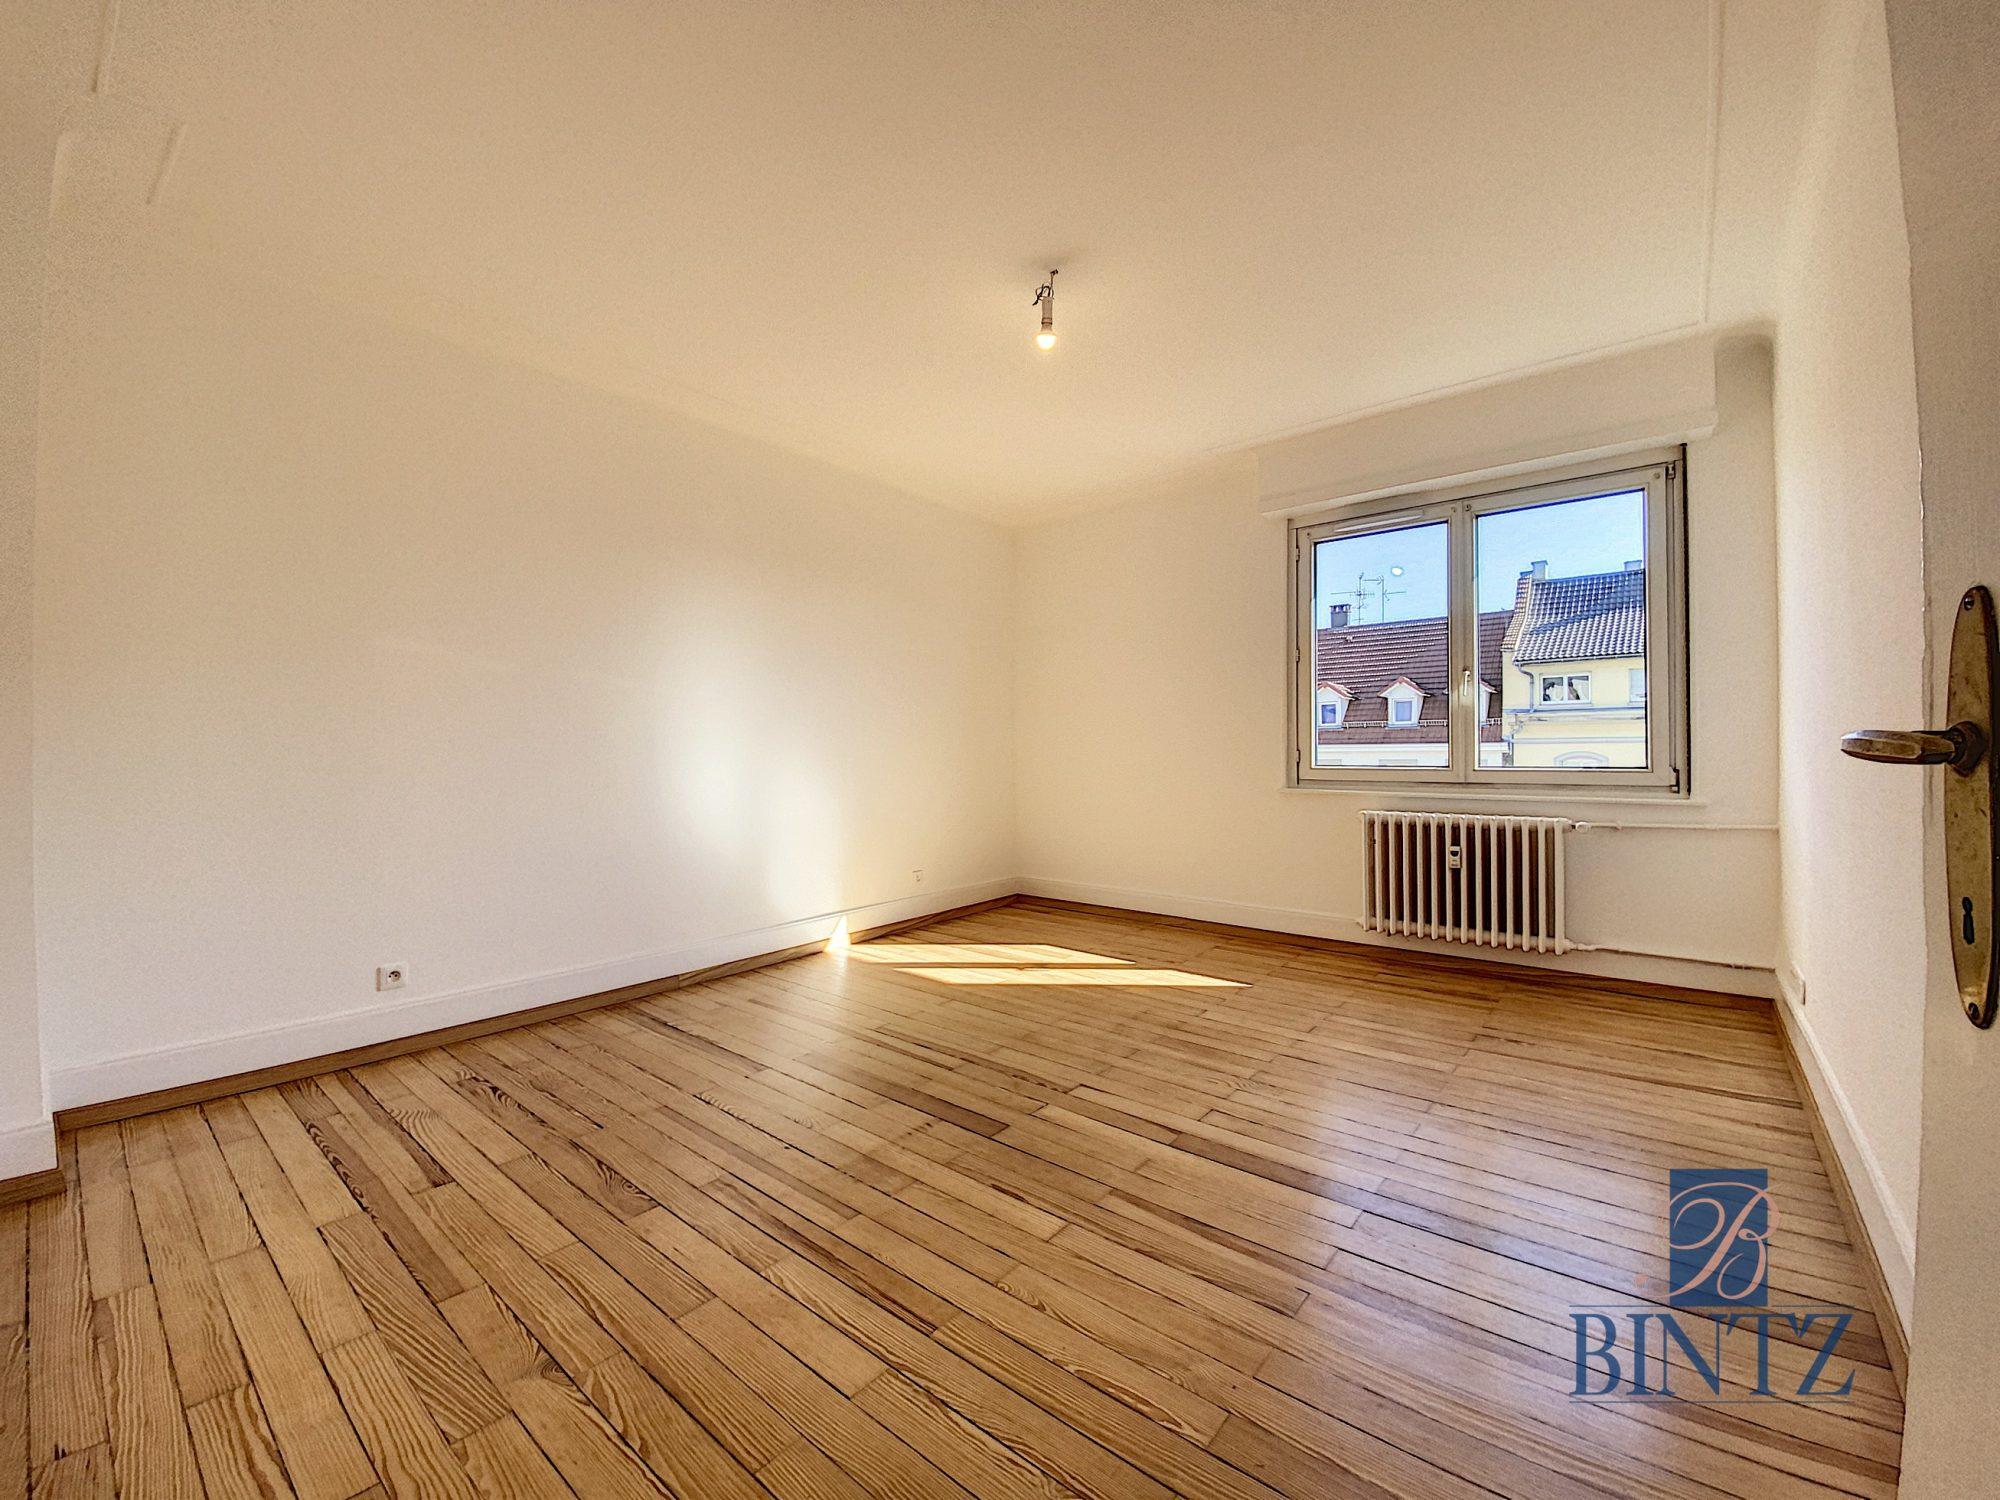 2 PIECES REFAIT A NEUF - Devenez locataire en toute sérénité - Bintz Immobilier - 12